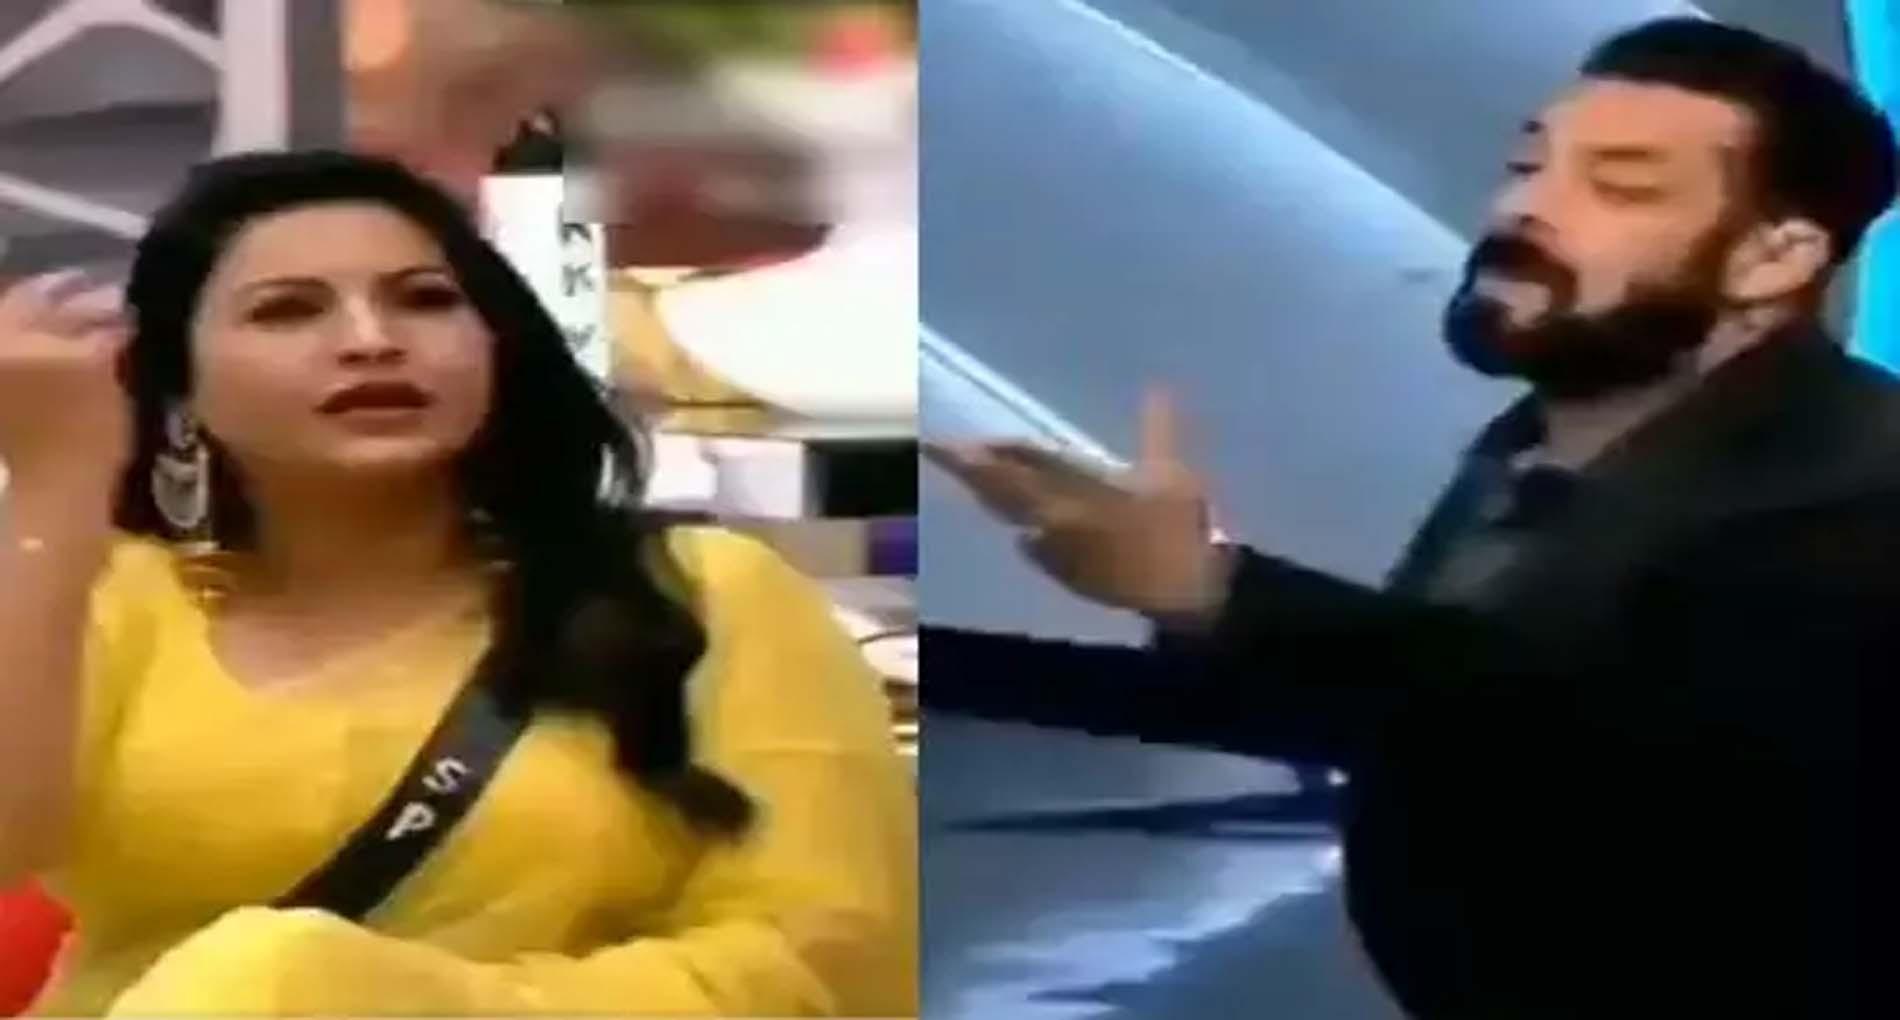 Bigg Boss 14: सलमान खान ने लगाई सोनाली फोगाट की क्लास!, रुबीना के सपोर्ट में आए सलमान